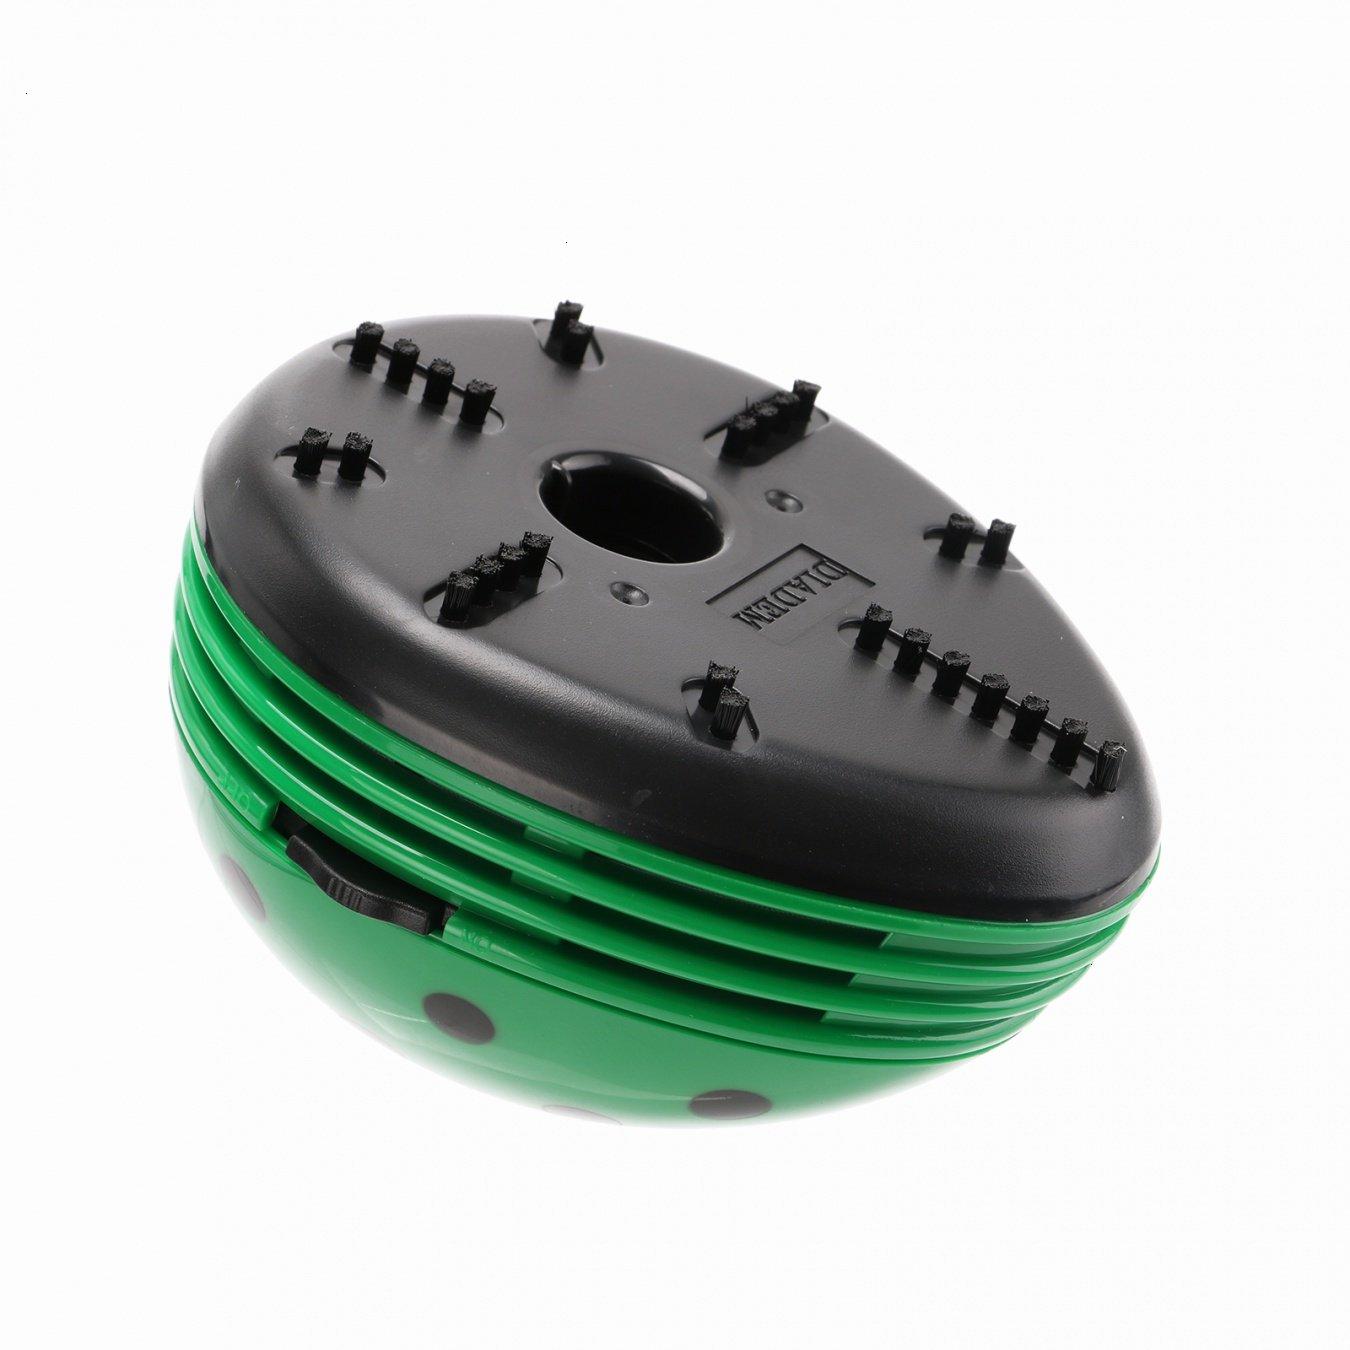 VOYEE Cute Portable Beetle Ladybug Cartoon Mini Desktop Vacuum Desk Dust Cleaner Green by VOYEE (Image #3)